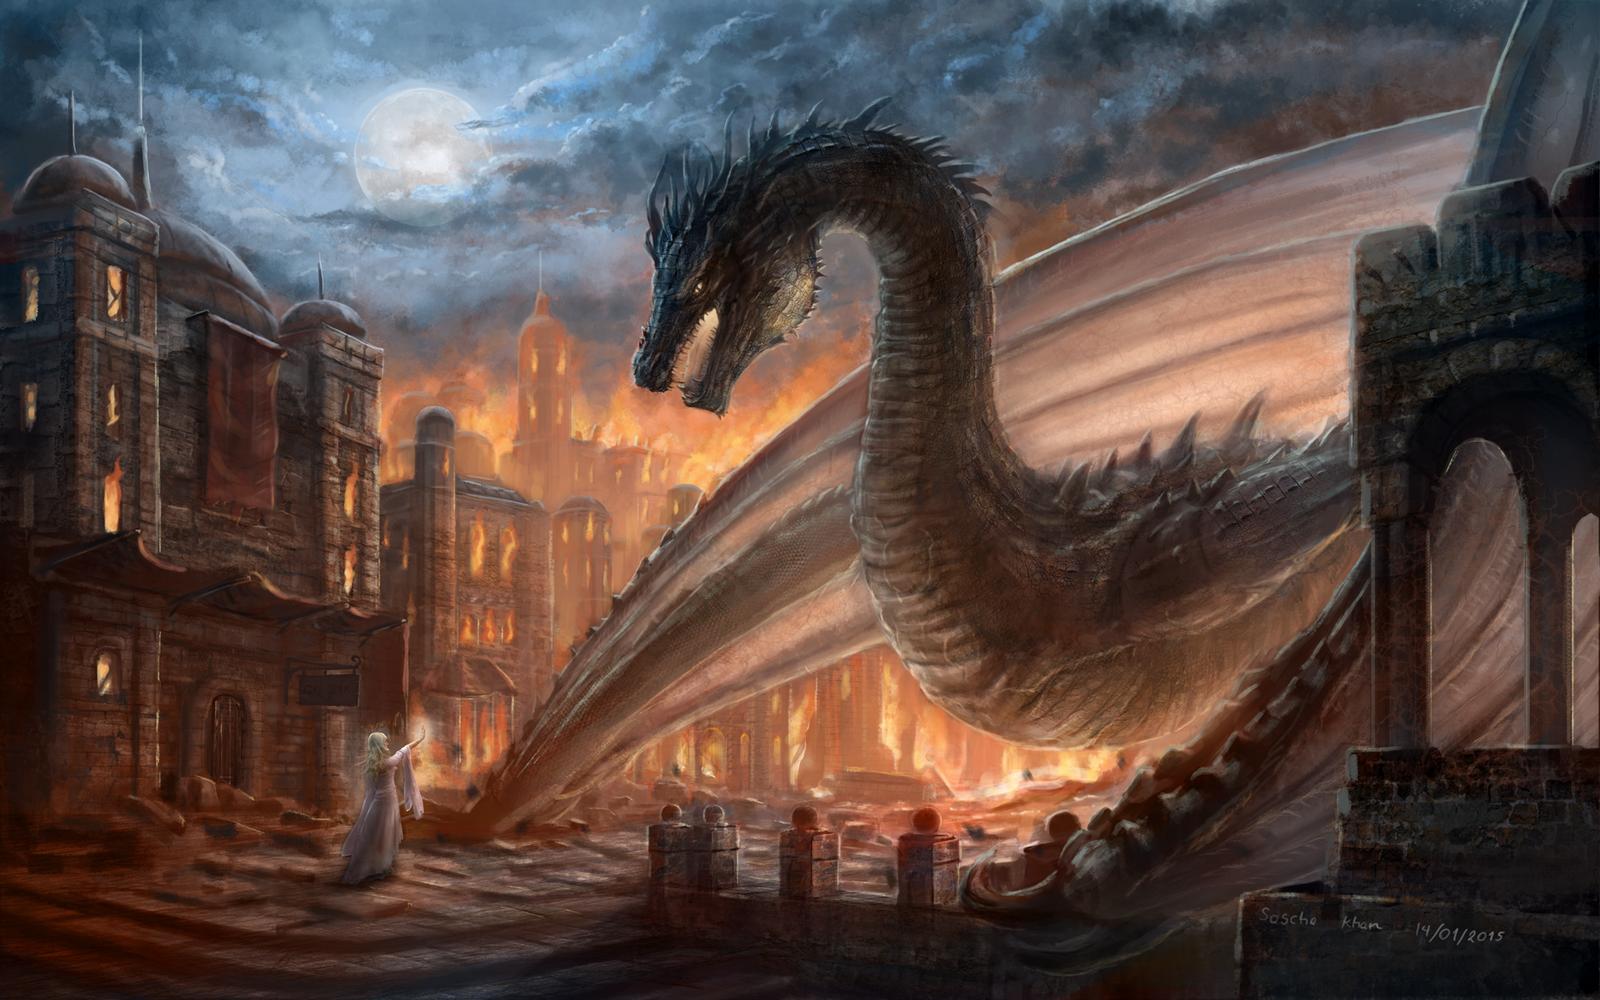 an Elegy of Fire by SaschaKhan